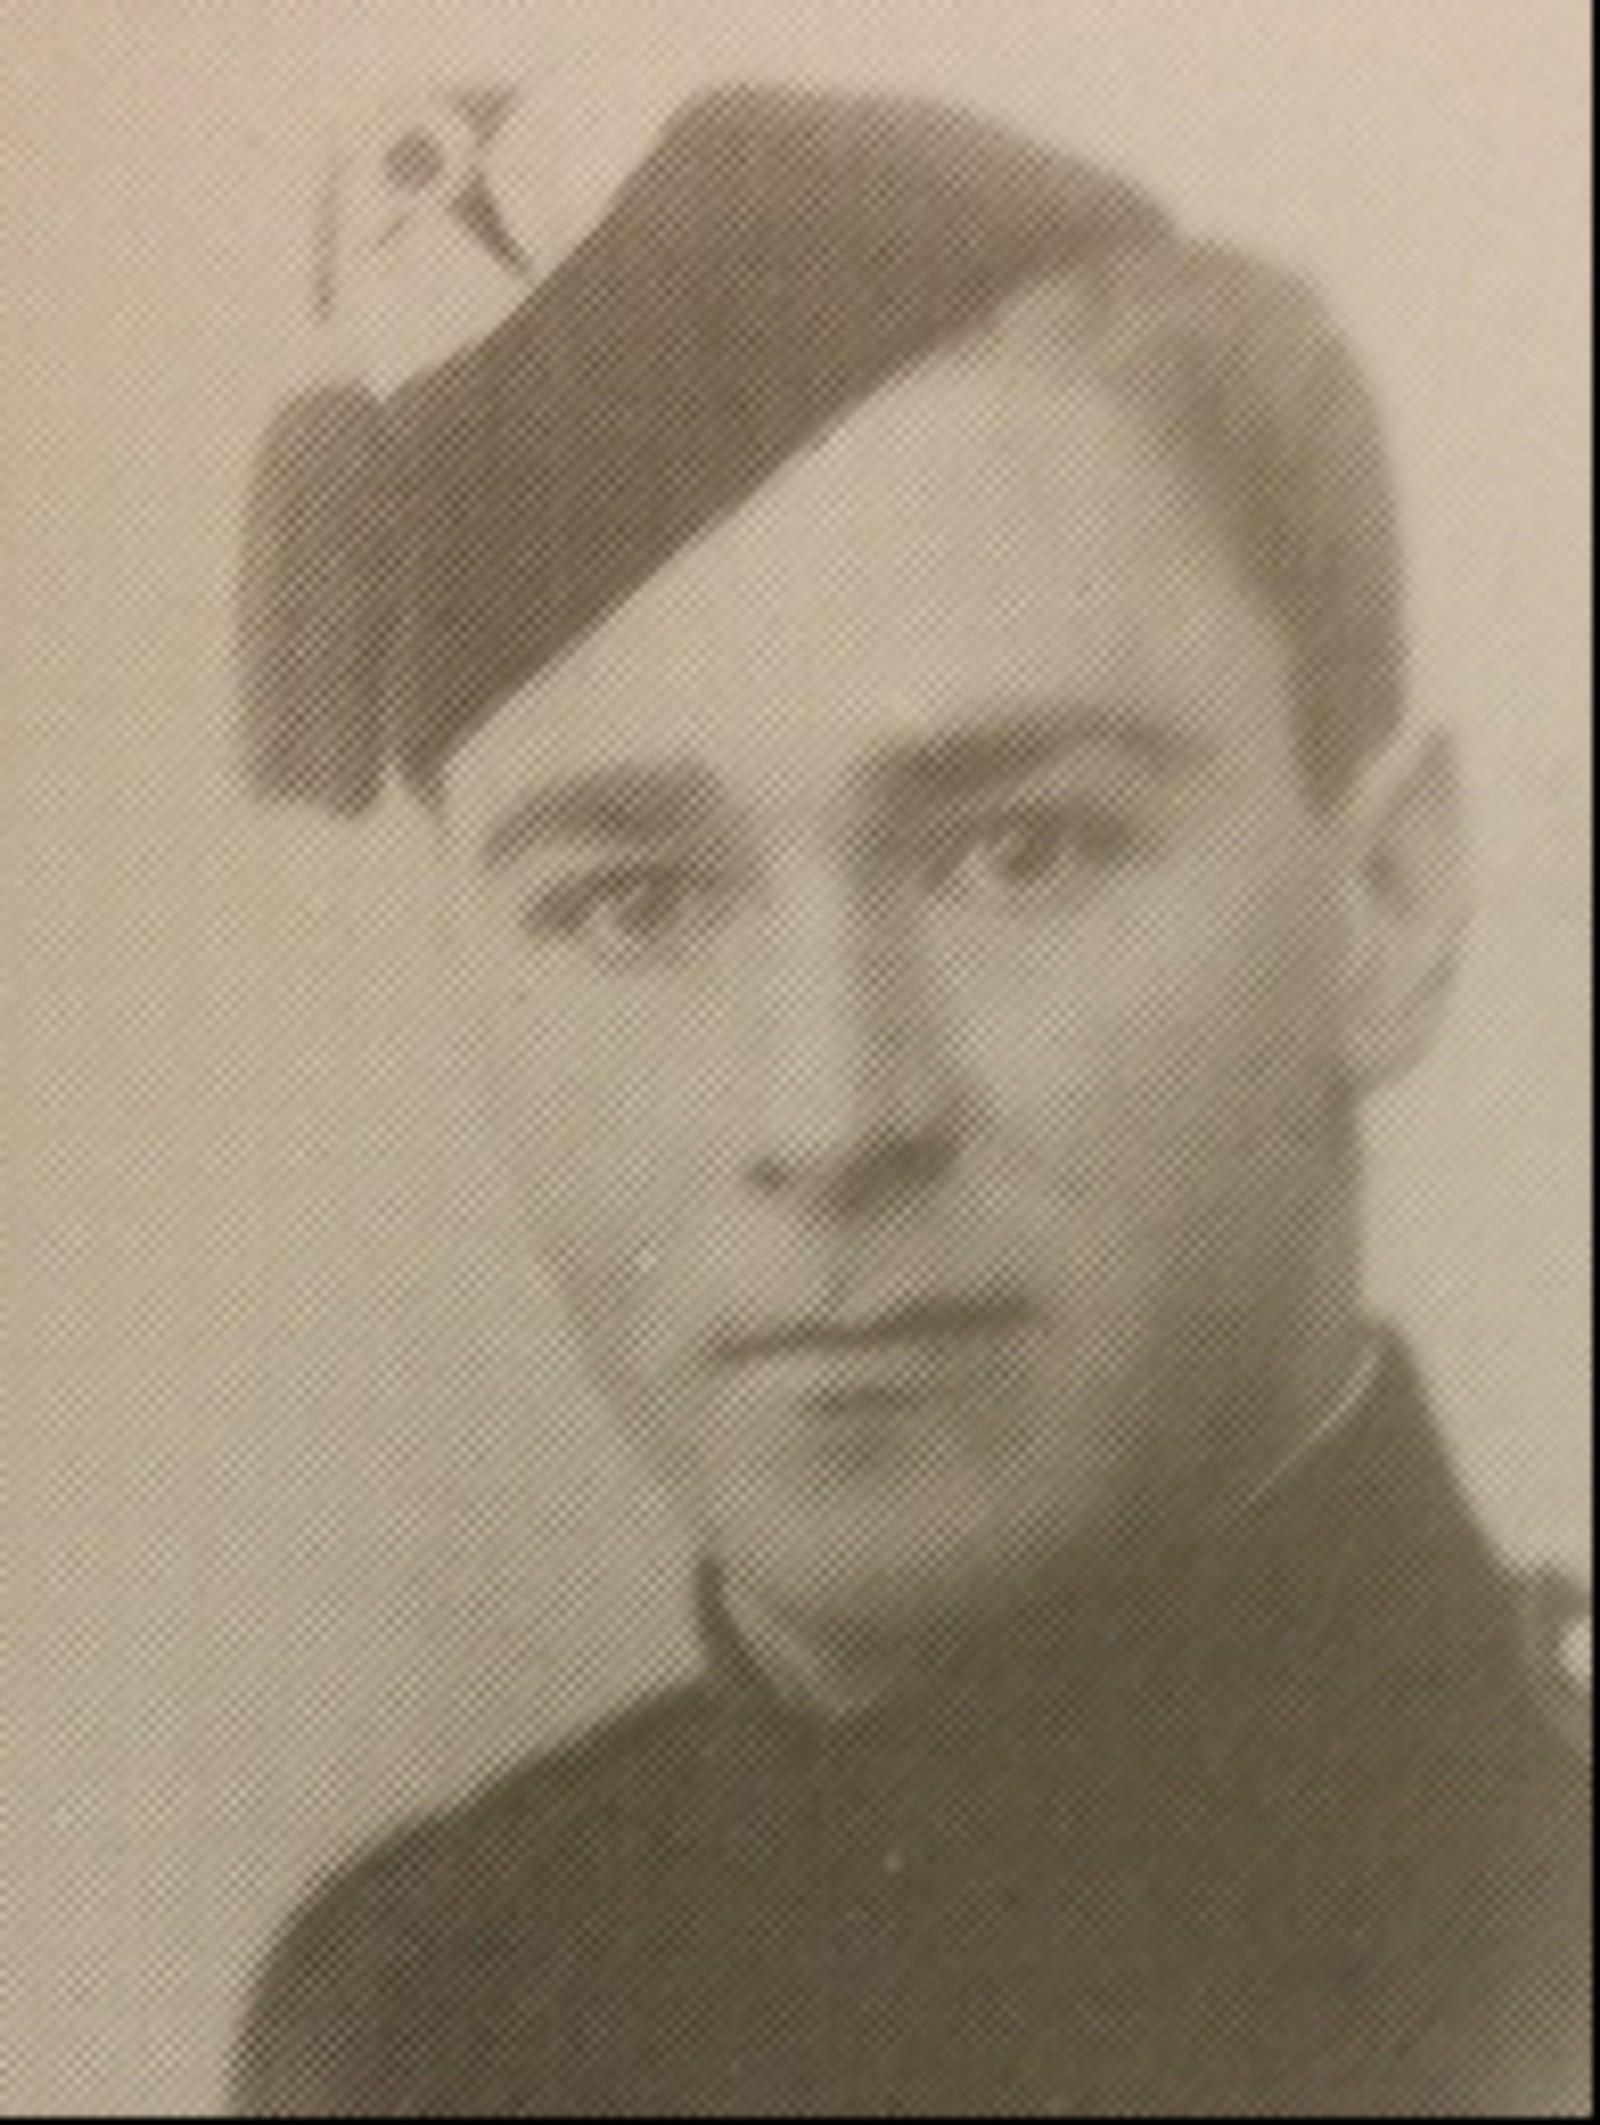 Jostein Ansgar Ween: Soldat, gårdsarbeider fra Kvikne. Møtte til mobilisering på Terningmoen, og falt under bombingen av Elverum 11. april 1940. Gravlagt i Elverum som «ukjent soldat», antakelig 20. april, senere identifisert og gravlagt i Kvikne.